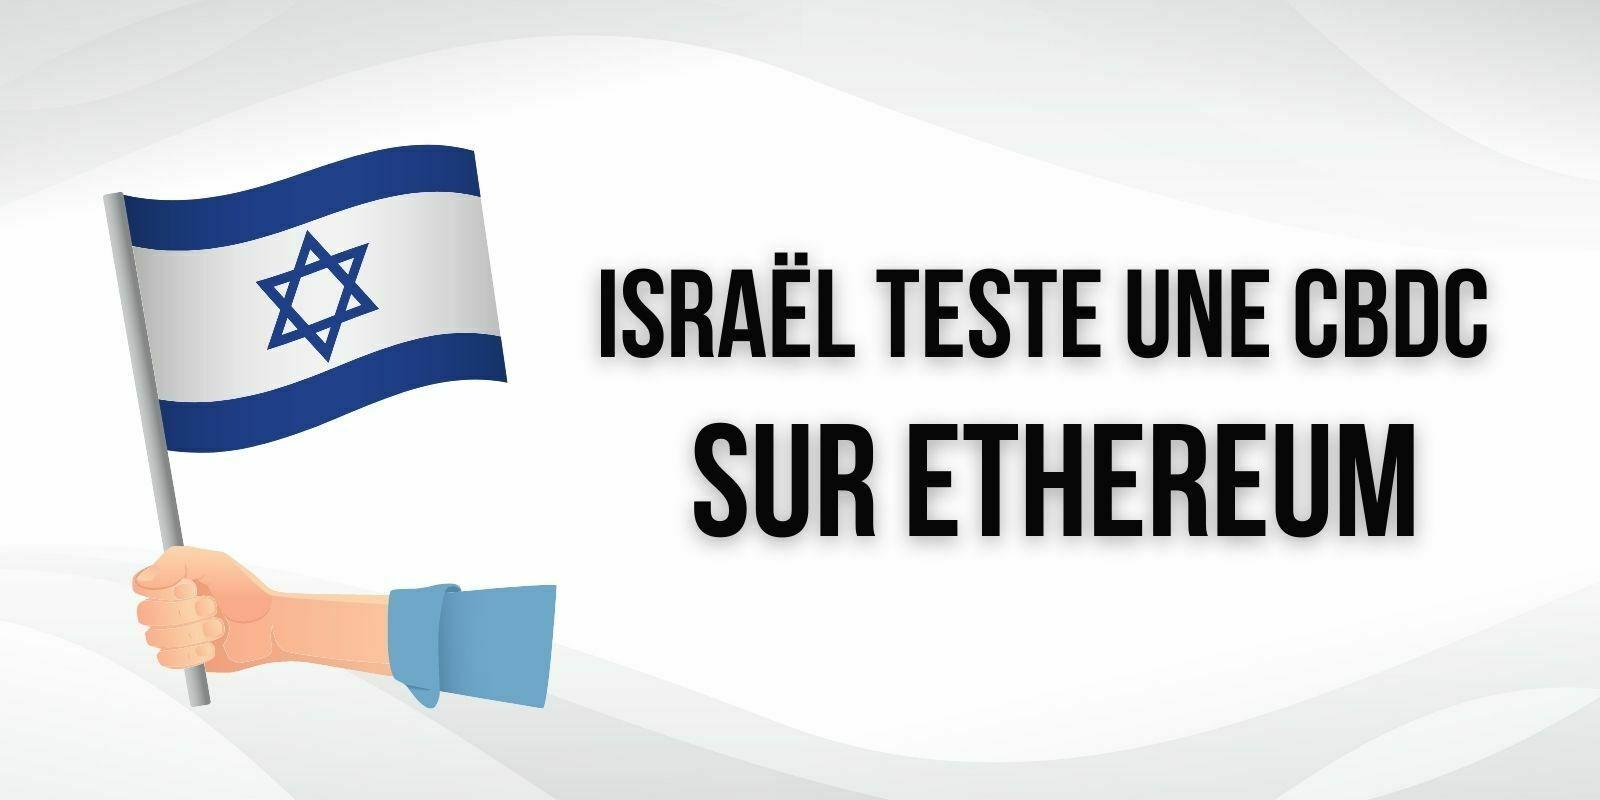 La Banque d'Israël intensifie ses efforts en matière de CBDC avec des tests sur Ethereum (ETH)